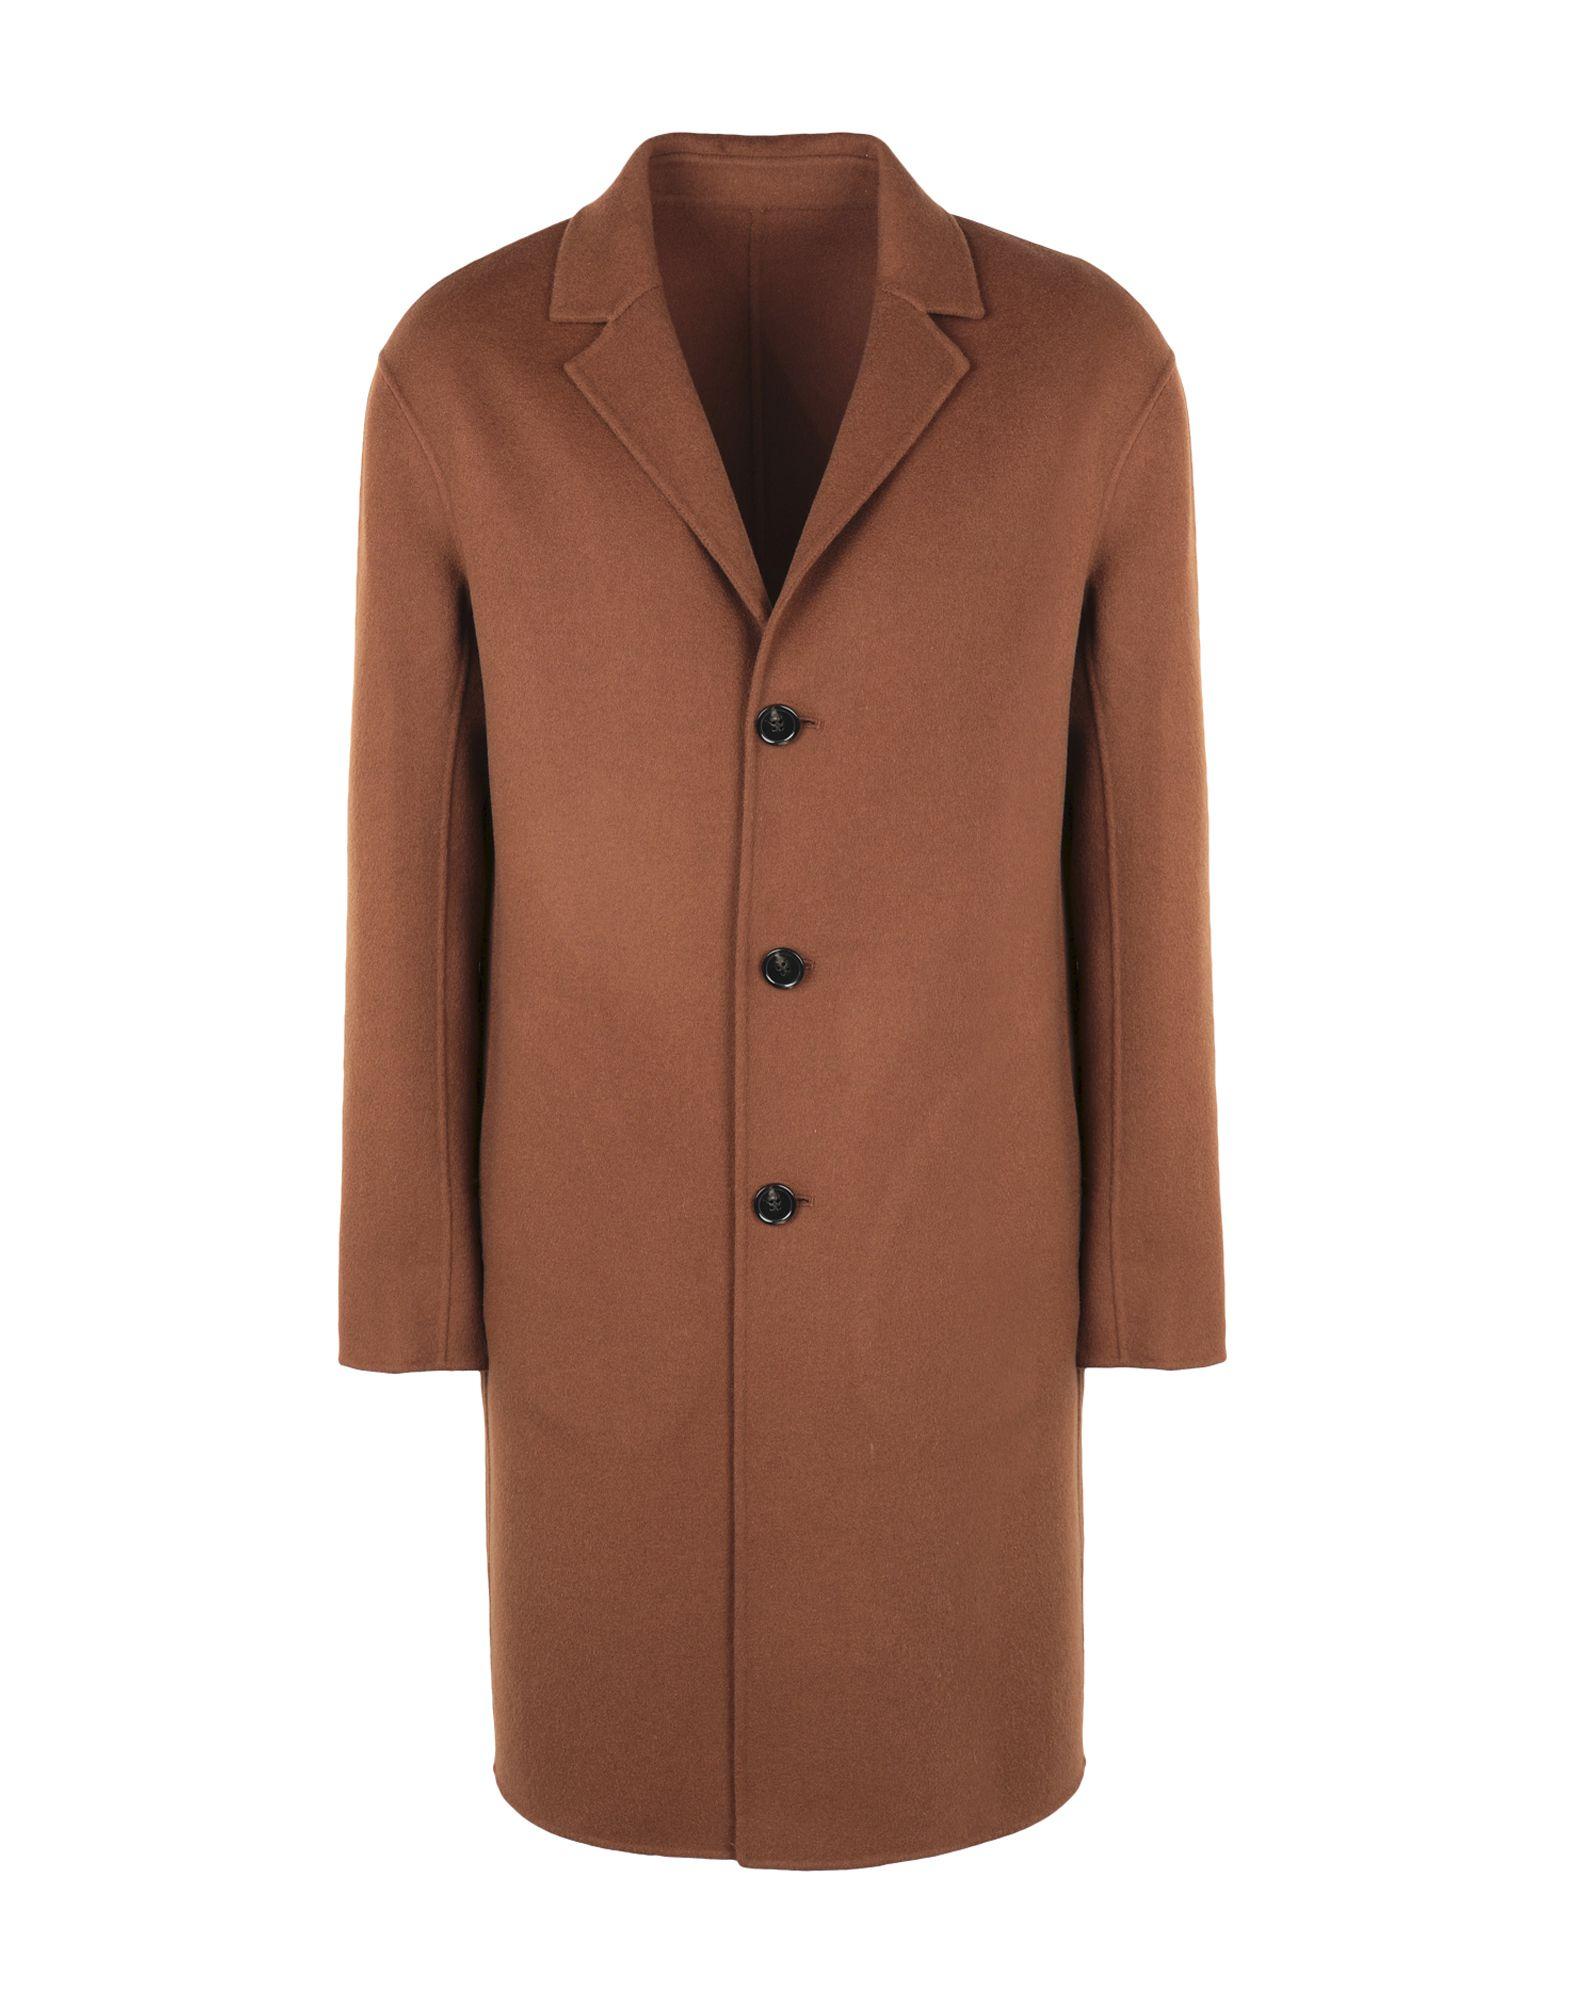 《期間限定セール中》ESSENTIEL ANTWERP メンズ コート ブラウン 50 ウール 85% / カシミヤ 15% LUCKY